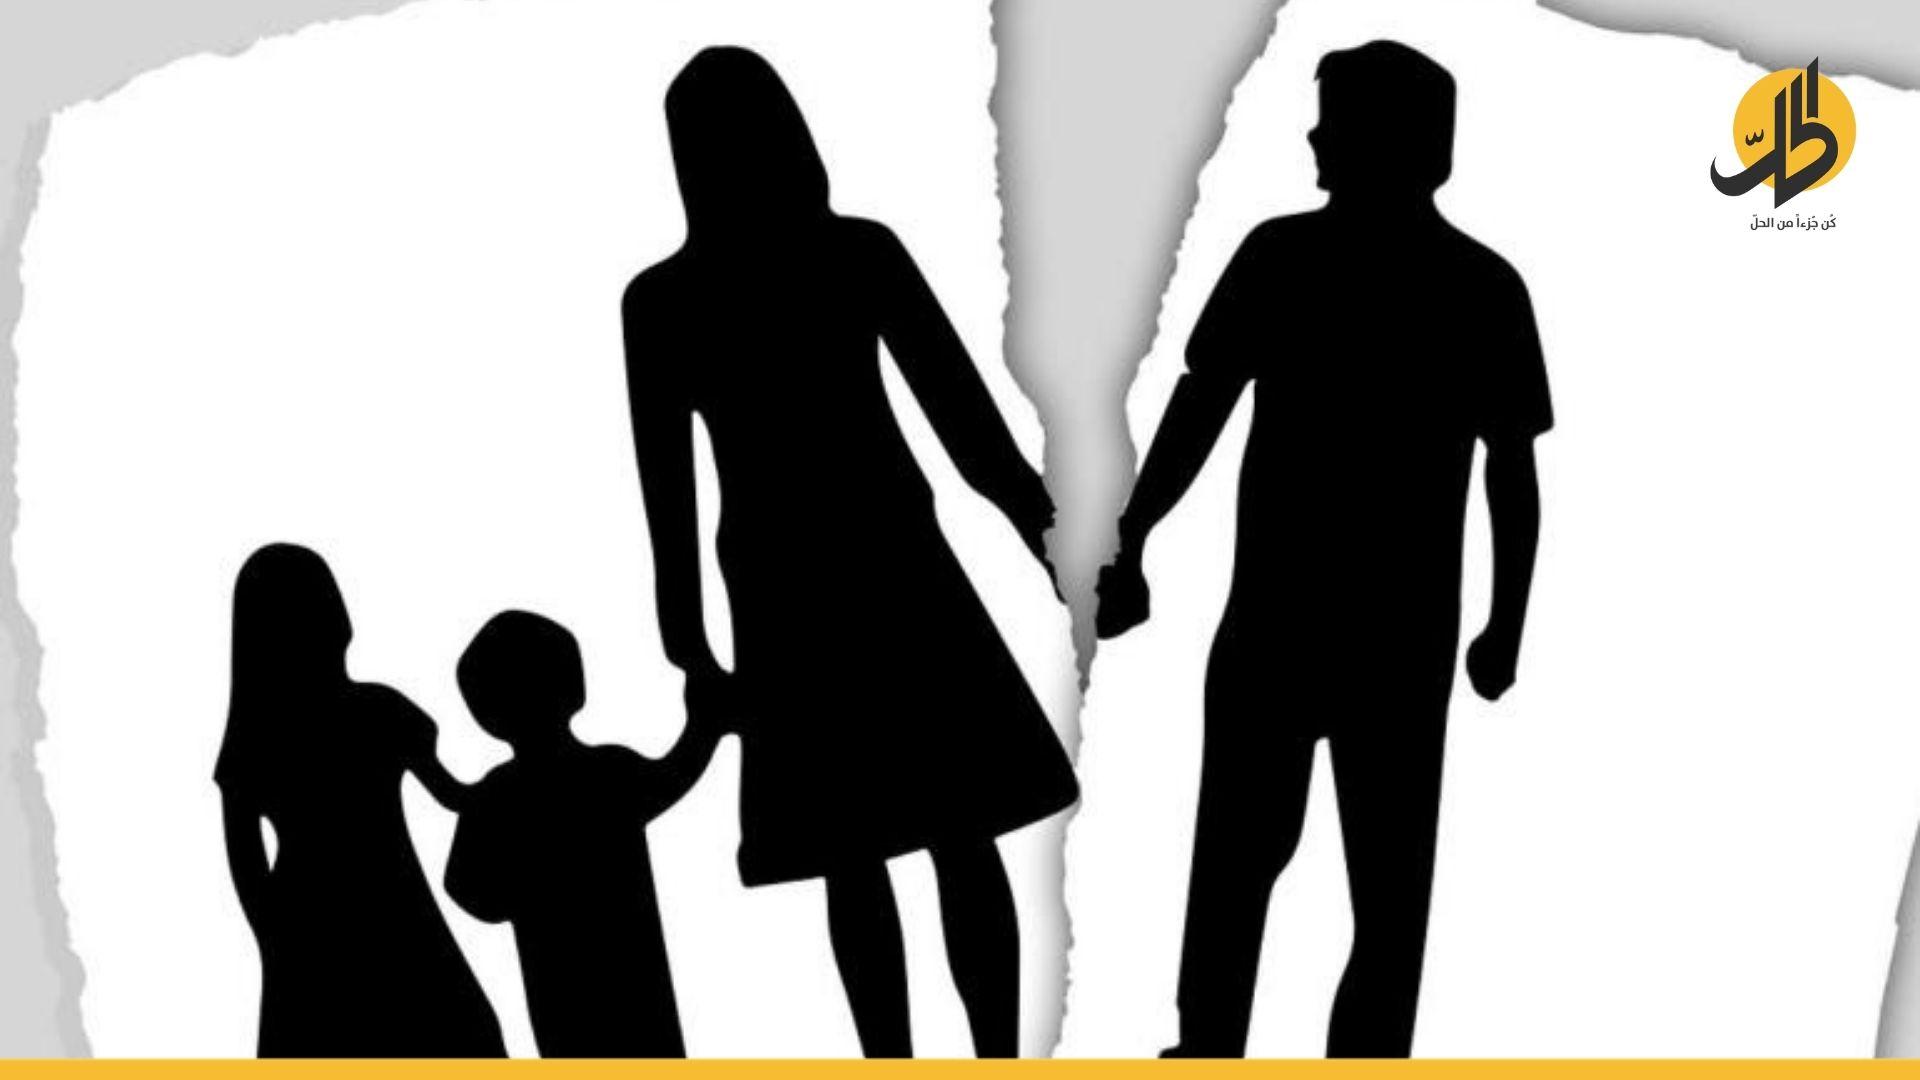 الطلاق في العراق: 9 حالات بالساعة الواحدة، والأطفال يدفعون الثمن